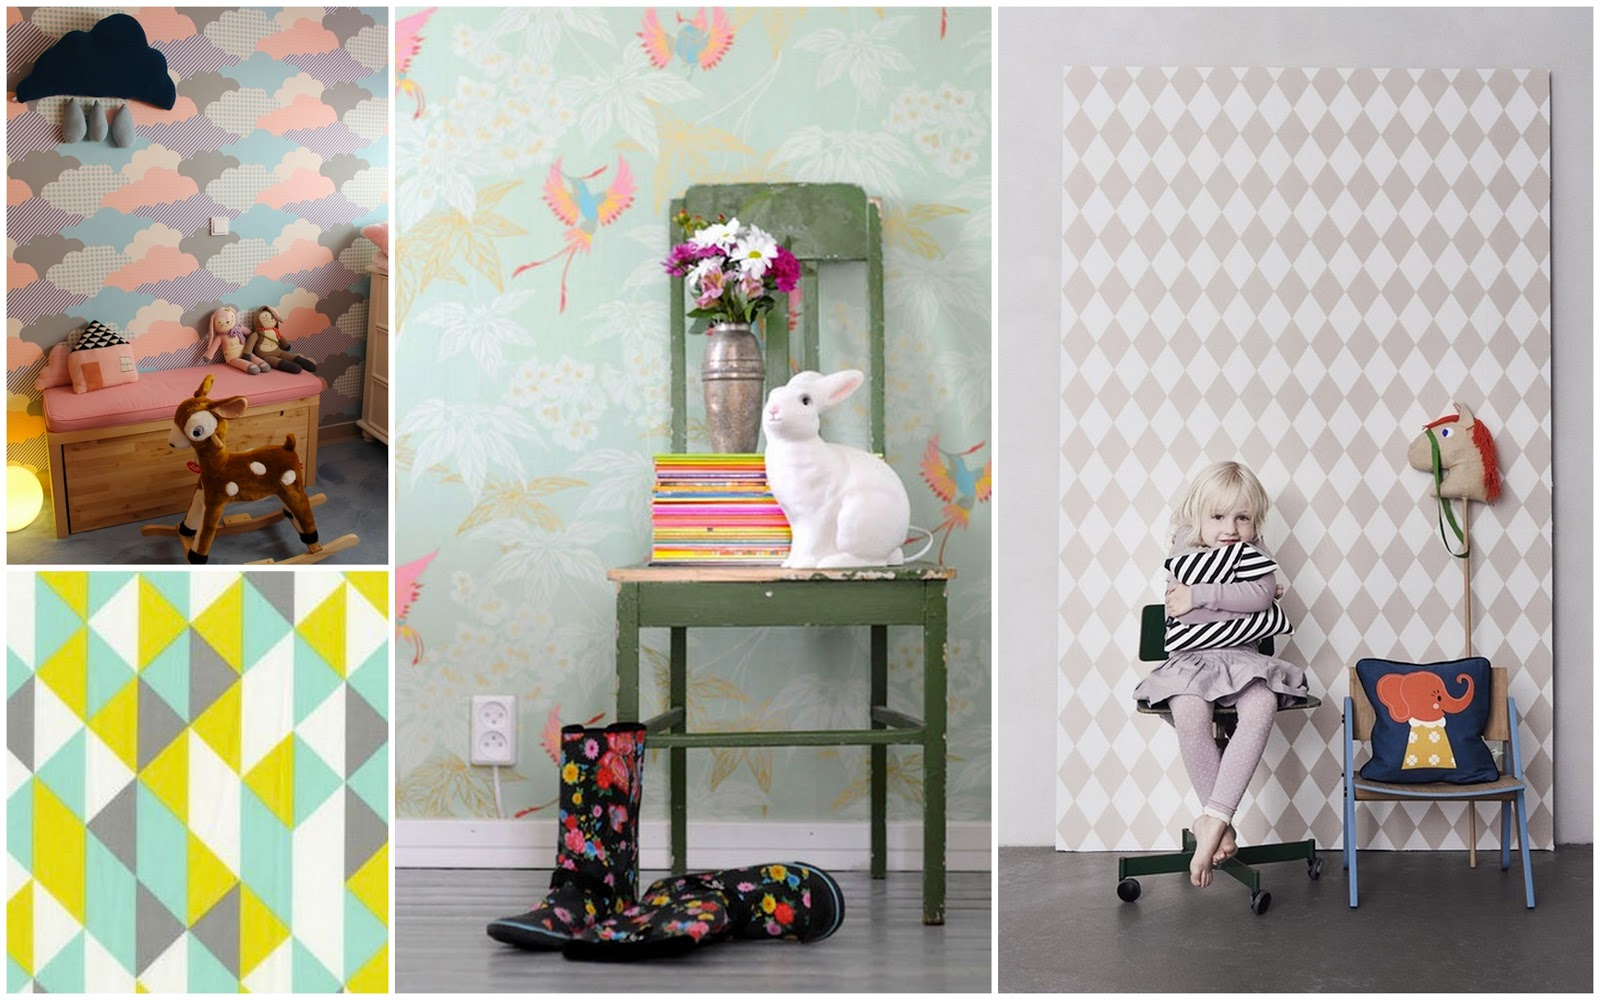 http://2.bp.blogspot.com/-cg8xETTkT7A/UWS2Skcb9tI/AAAAAAAANfI/QrCW42eK-Us/s1600/Collages7.jpg